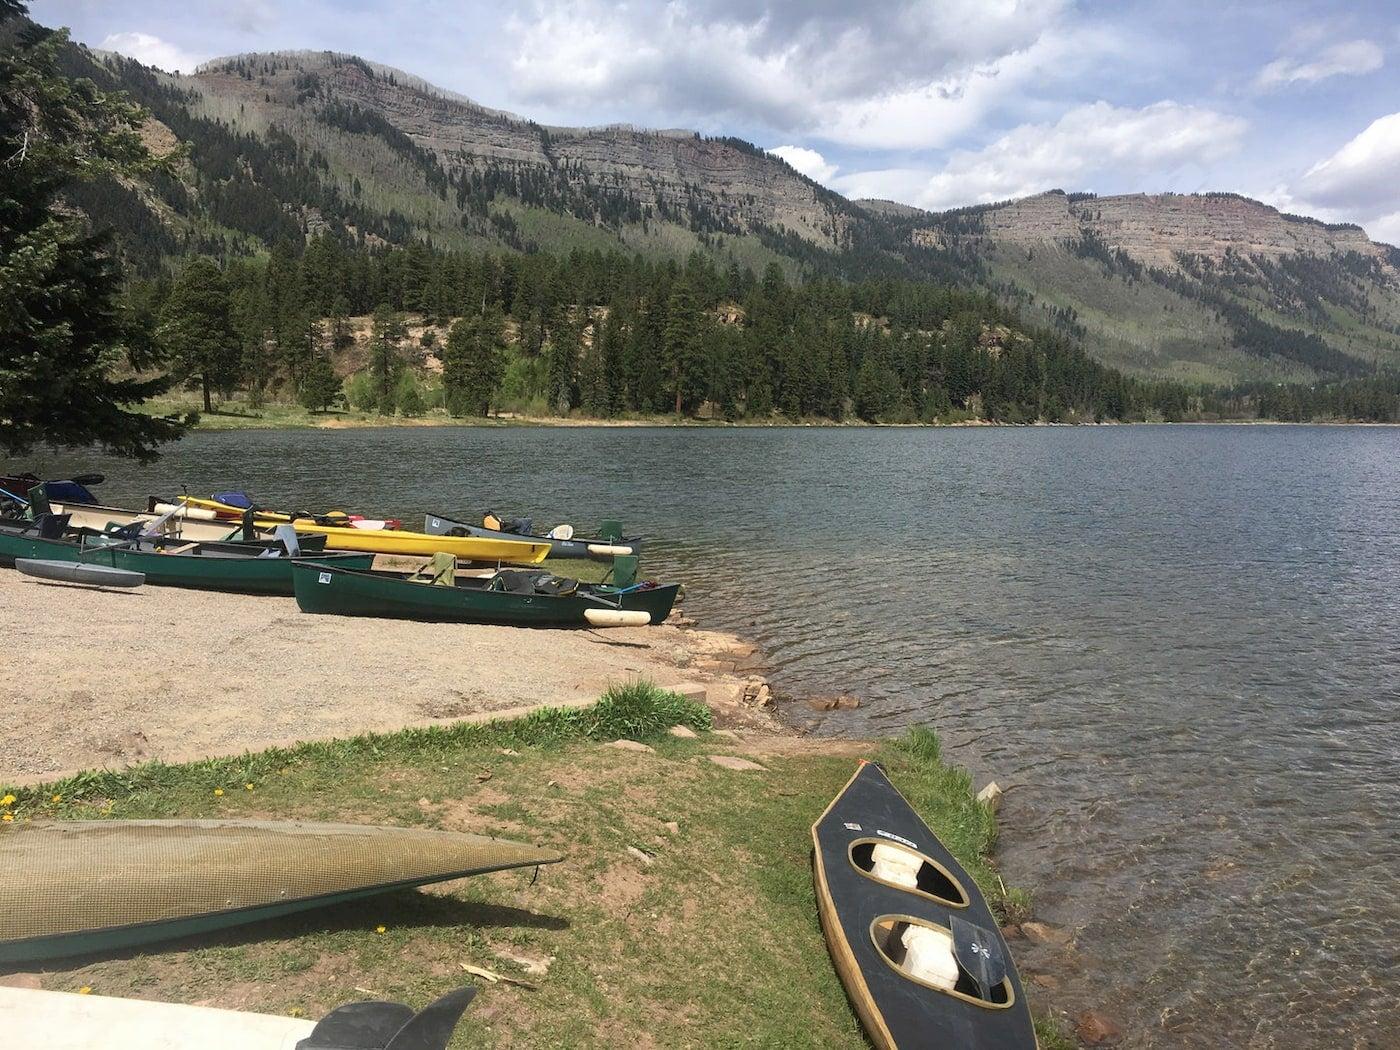 Kayaks on the banks of an alpine Haviland Lake in the San Juans.